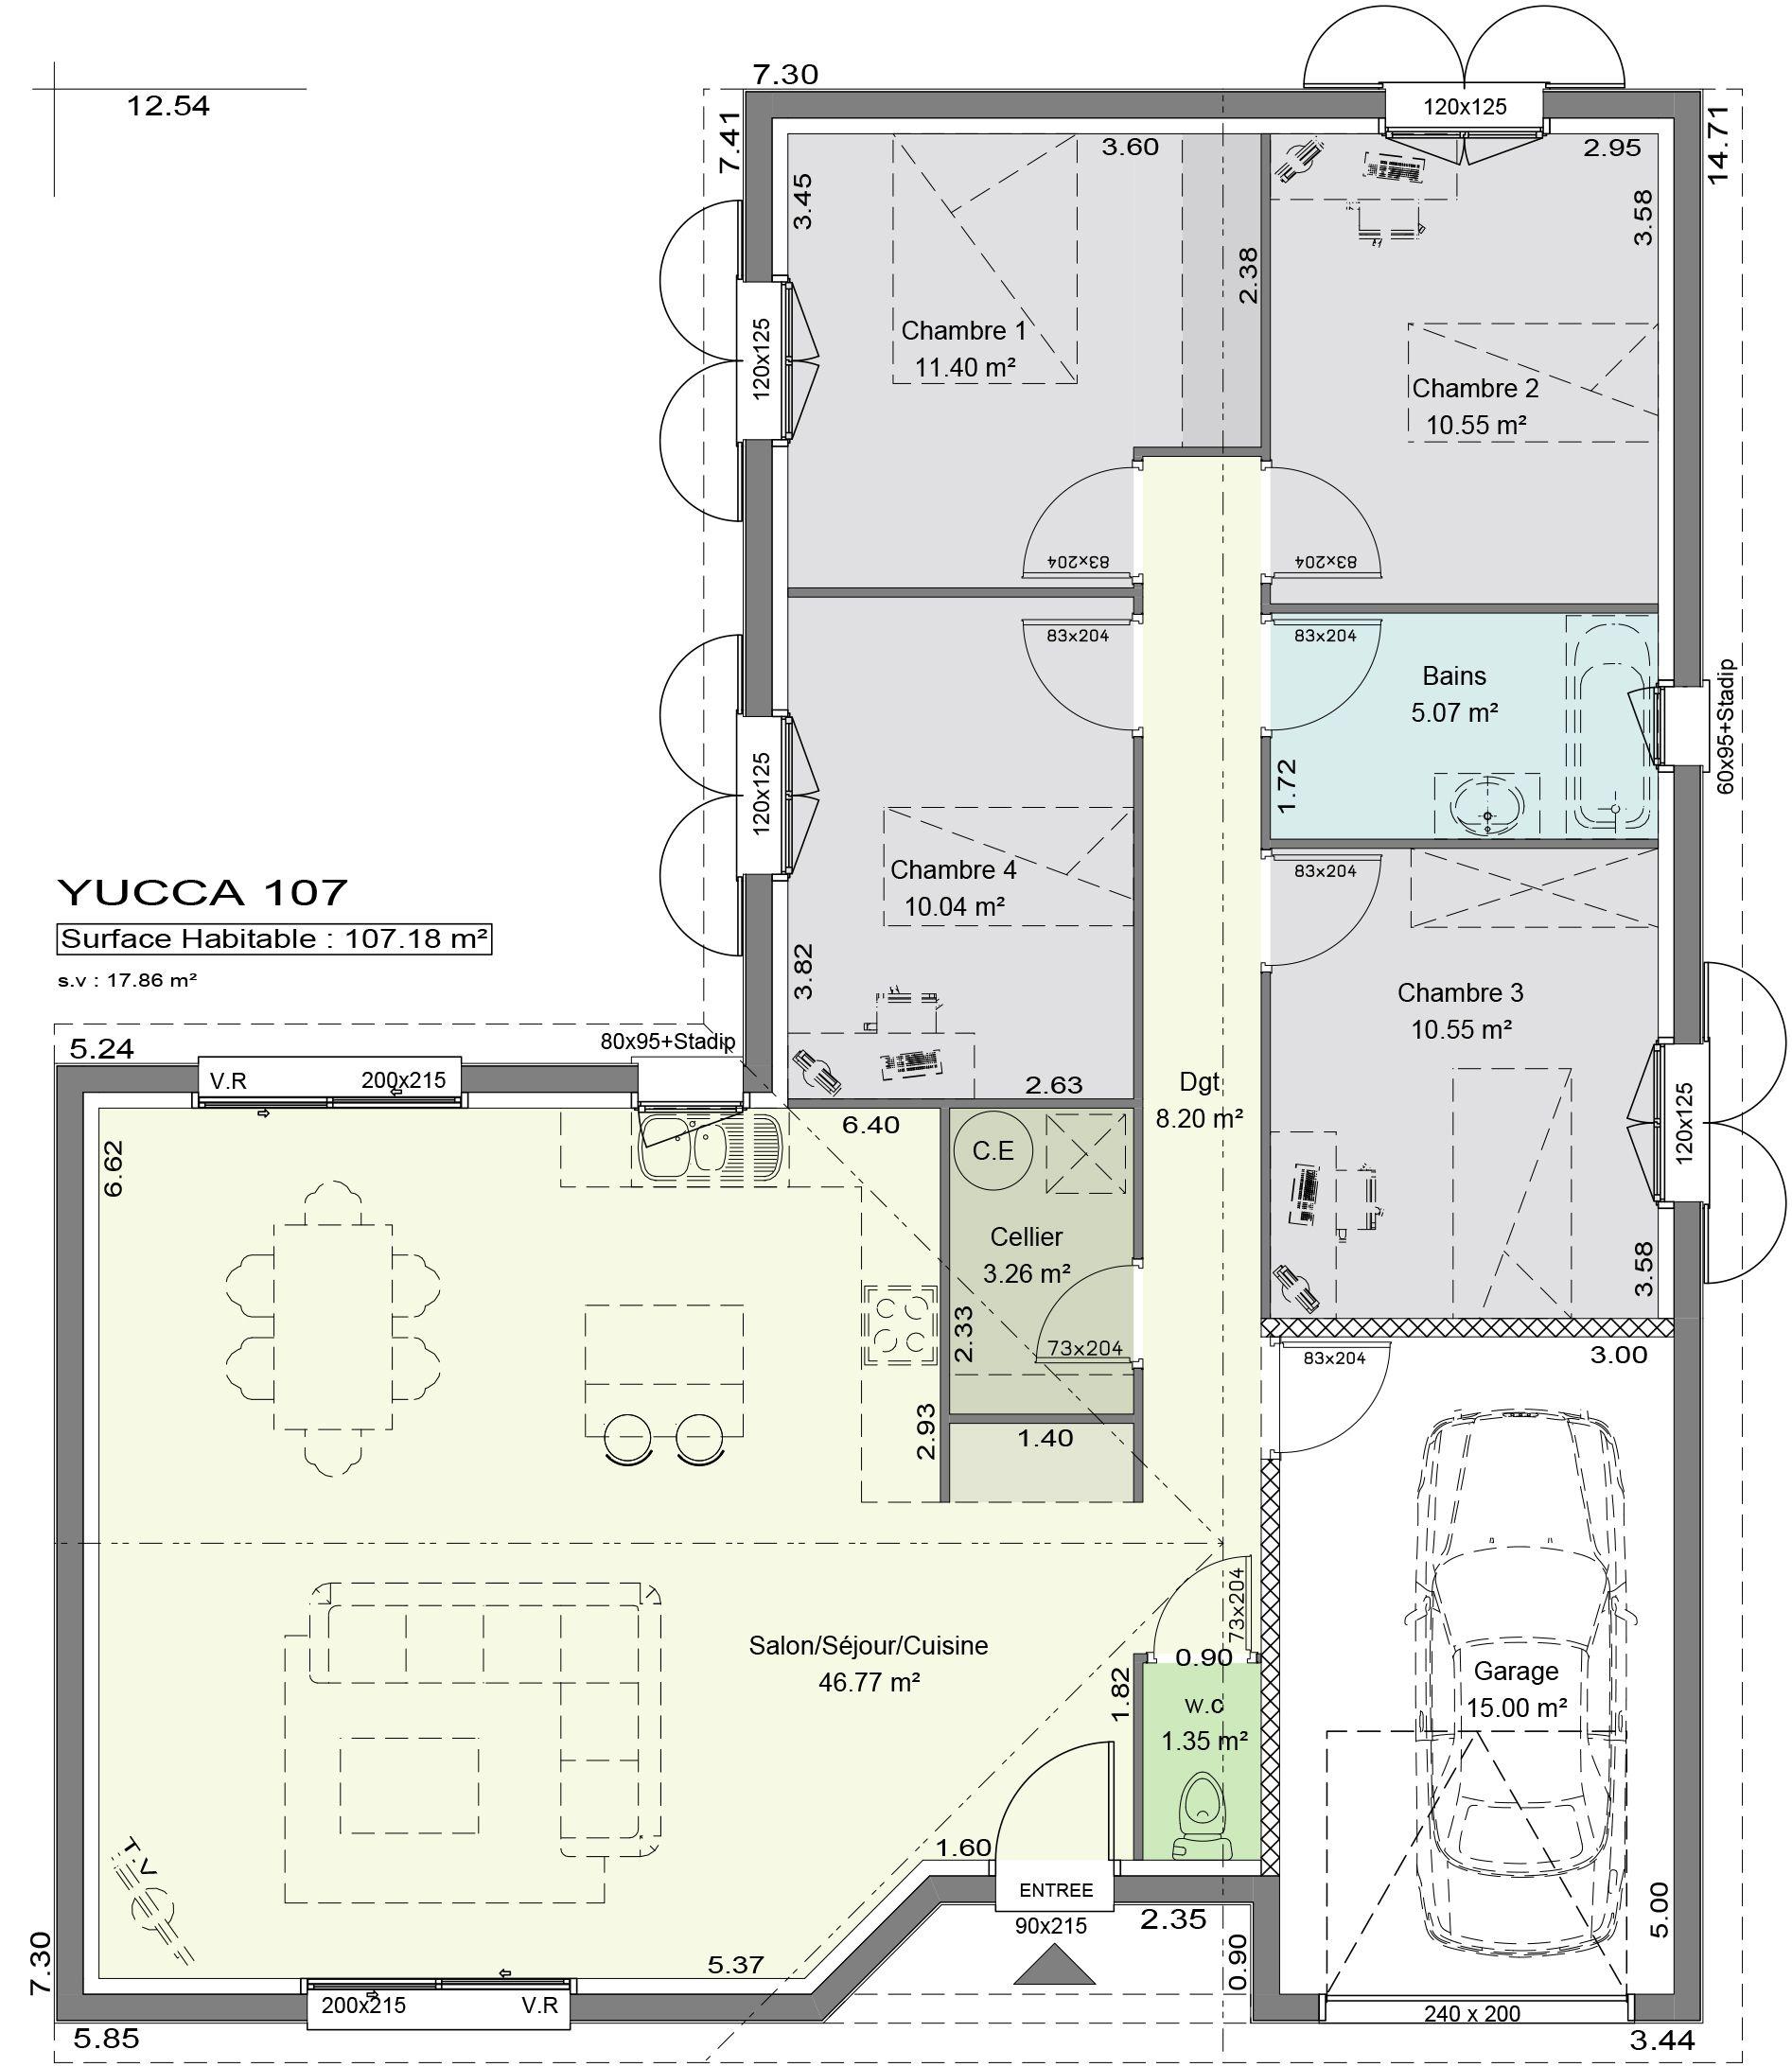 Plan Maison Contemporaine Yucca #amenagementmaisonchambre